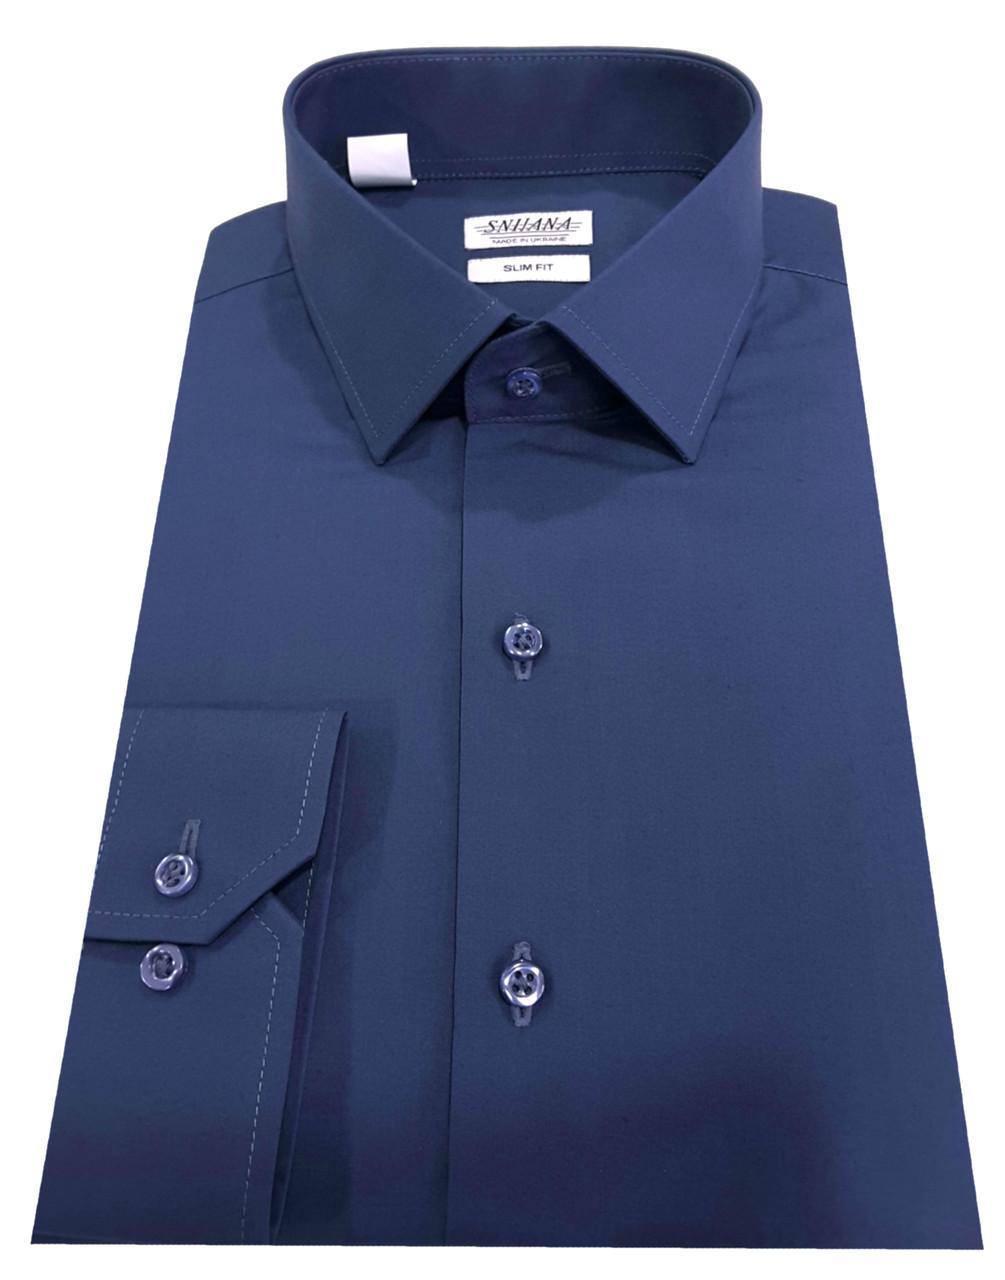 Рубашка мужская синяя №10 - Поплин 49